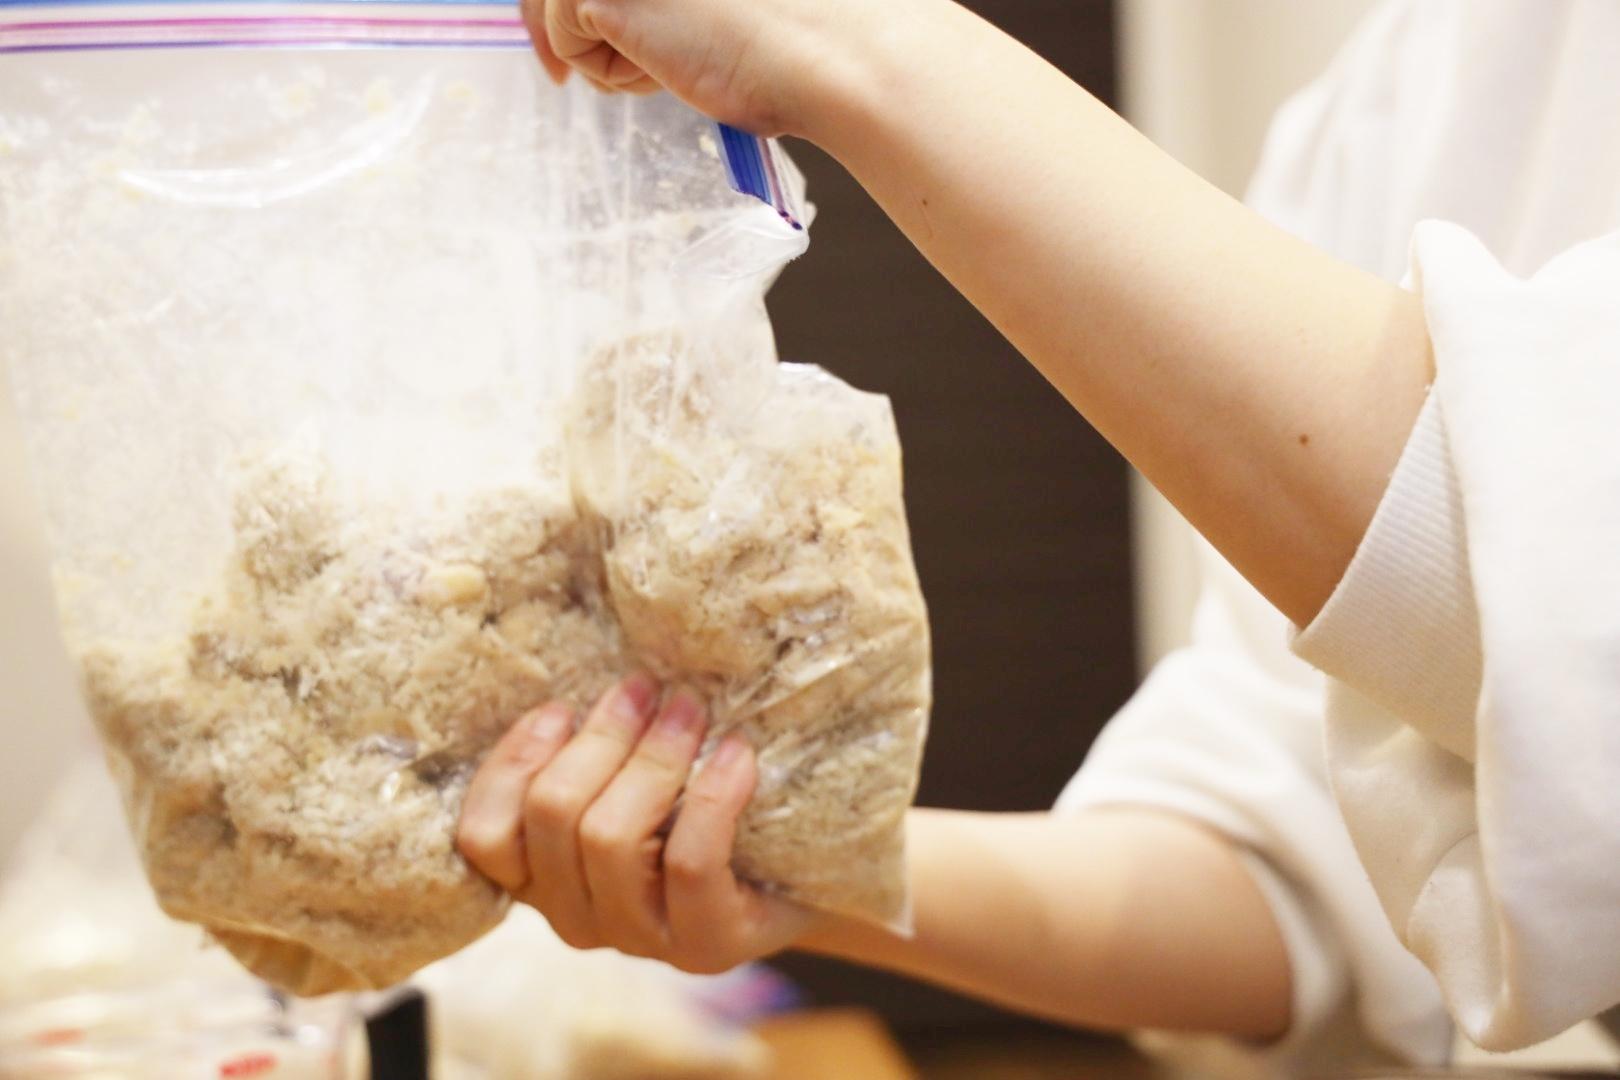 備蓄や保存に最適!免疫力を高める最強の発酵食品「味噌」を、ジップロックで手軽に作っちゃおう♪_1_6-2